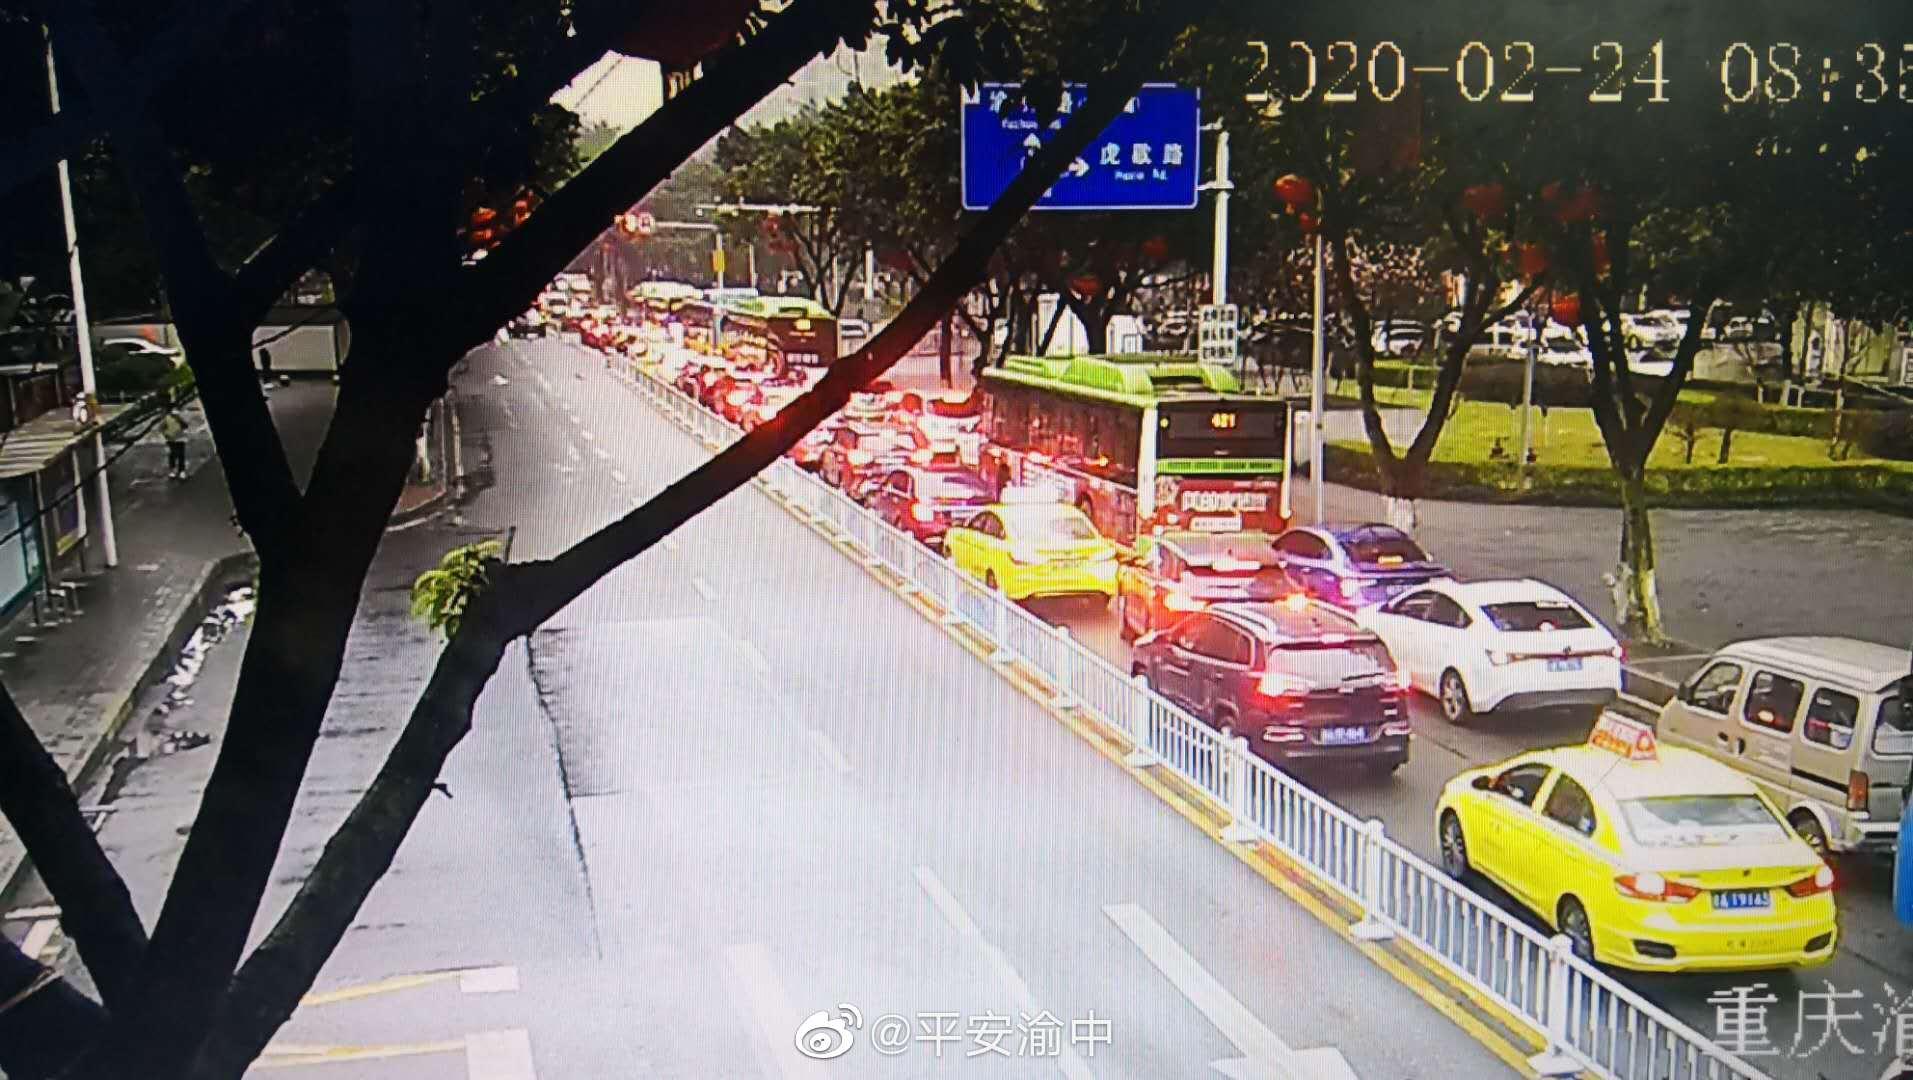 因河运校车站交通事故,目前大坪正街往九龙坡方向车辆排队缓行